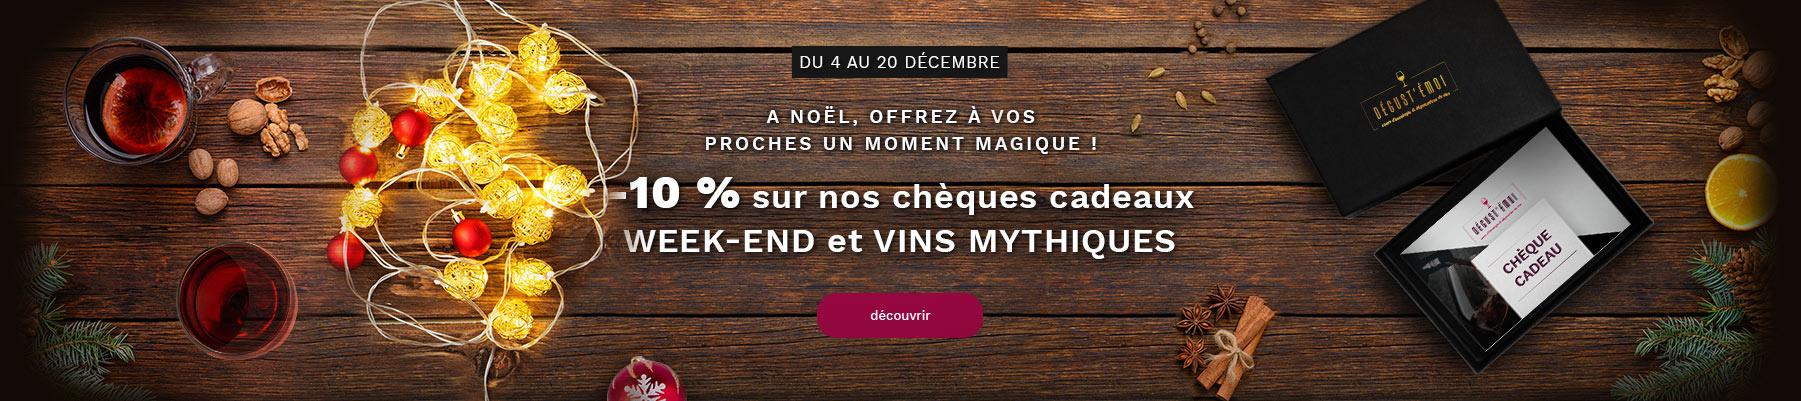 -10% sur nos chèques cadeaux week-end et vins mythiques